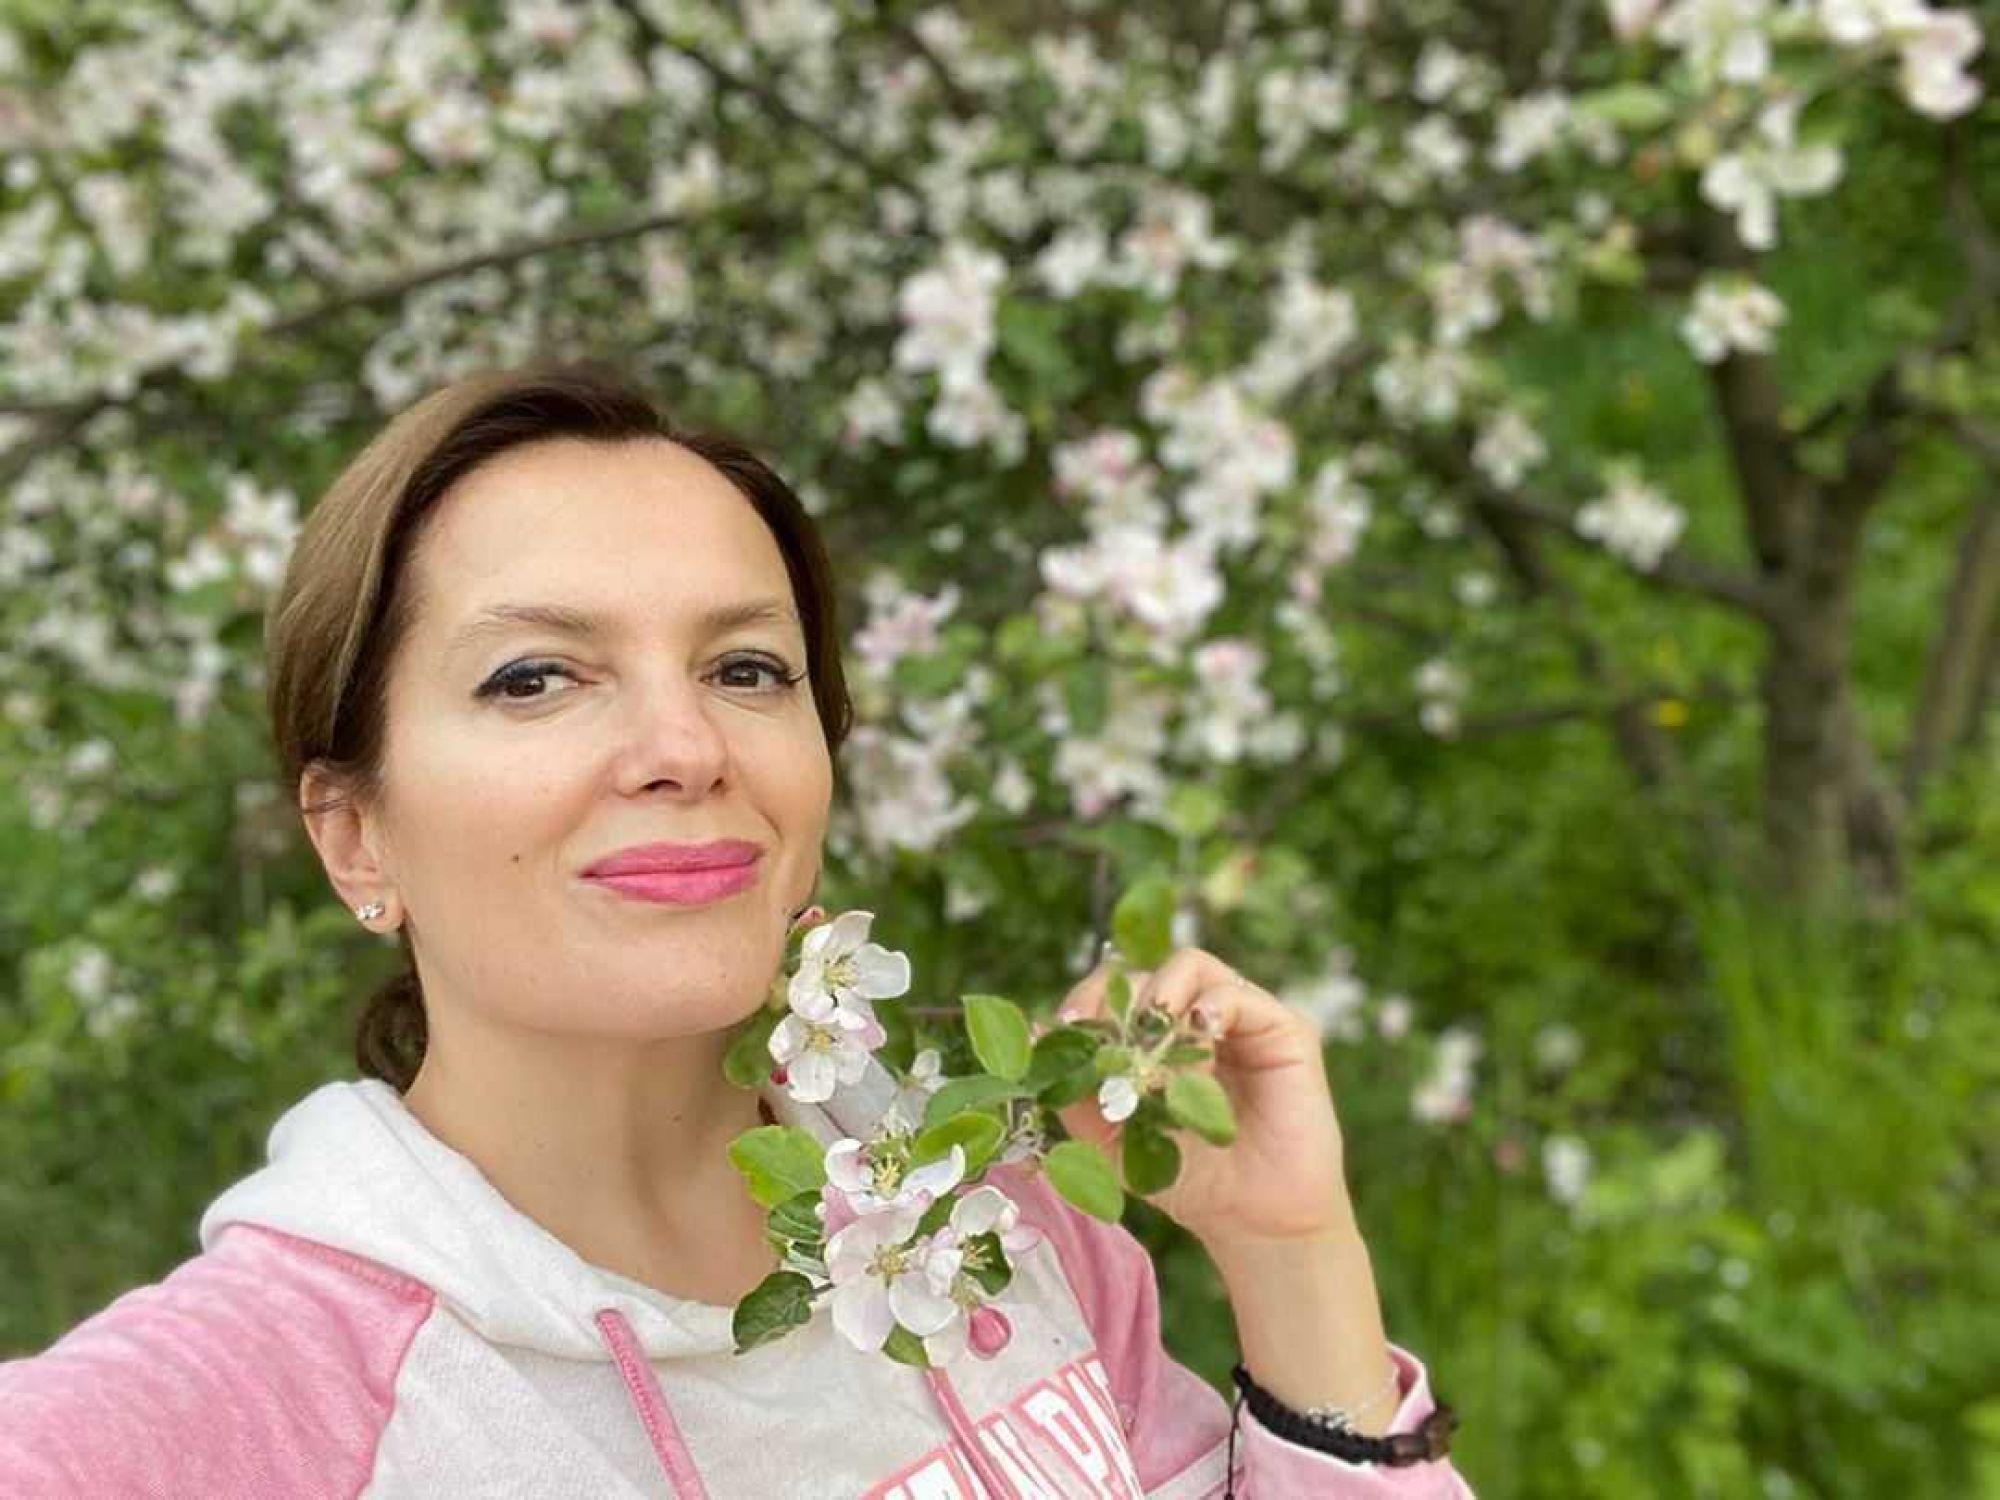 Мария Порошина рассказала о причине расставания с Гошей Куценко